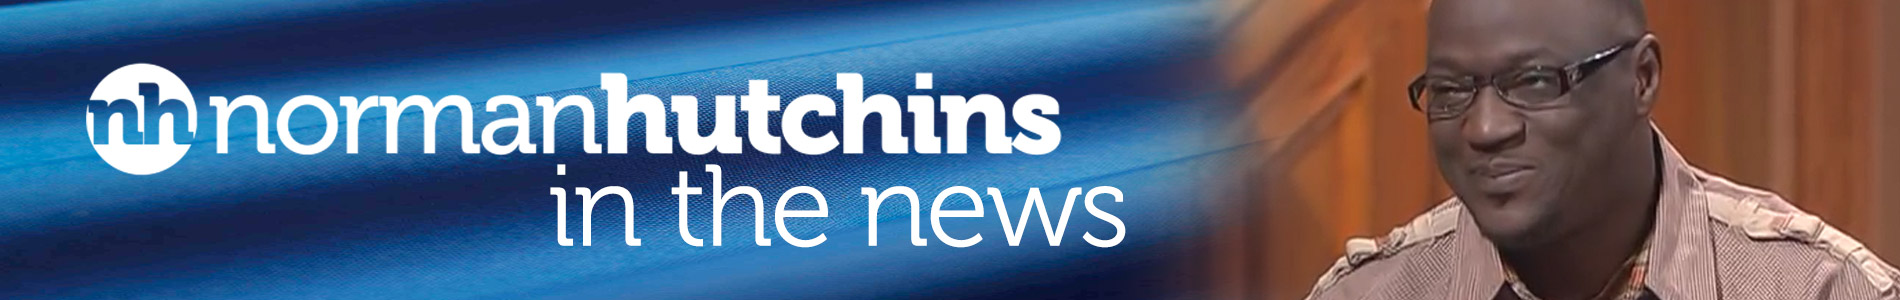 header-inthenews